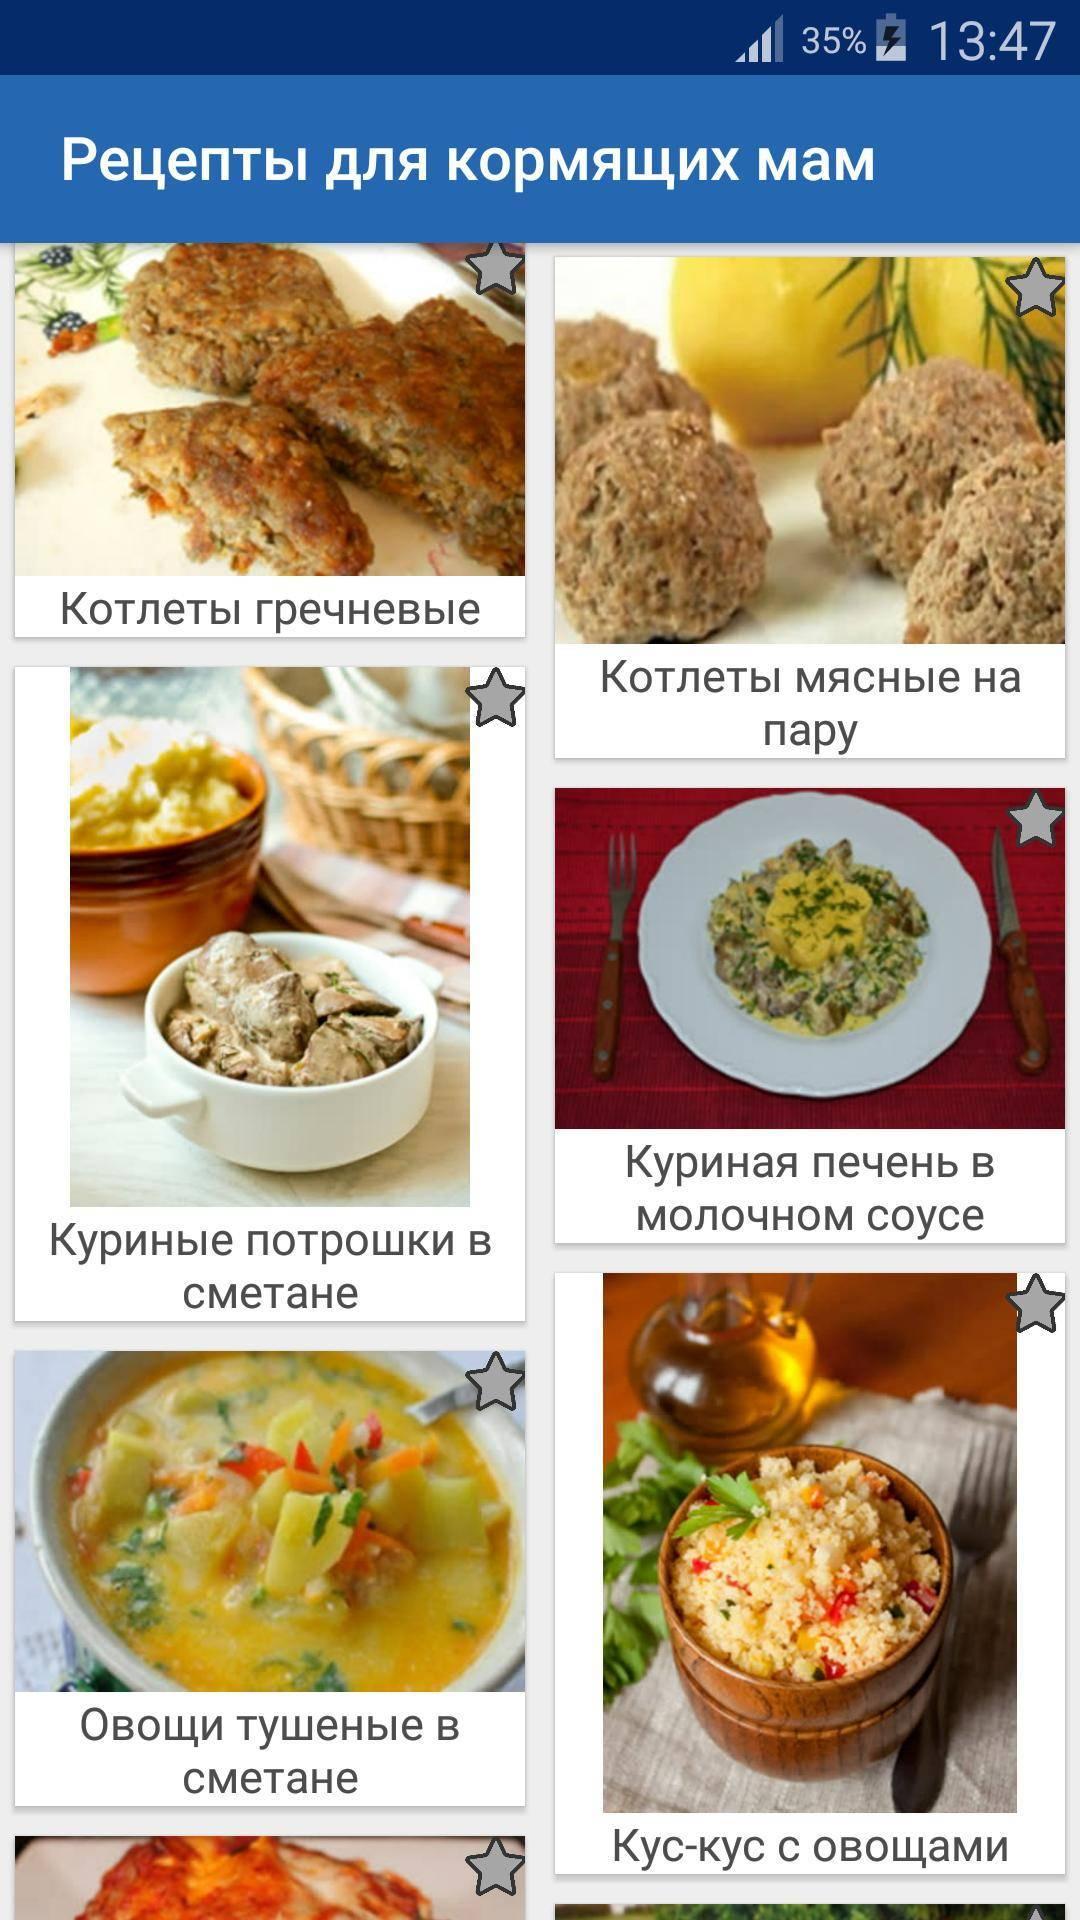 Рецепты блюд, оптимальные для рациона кормящей мамы